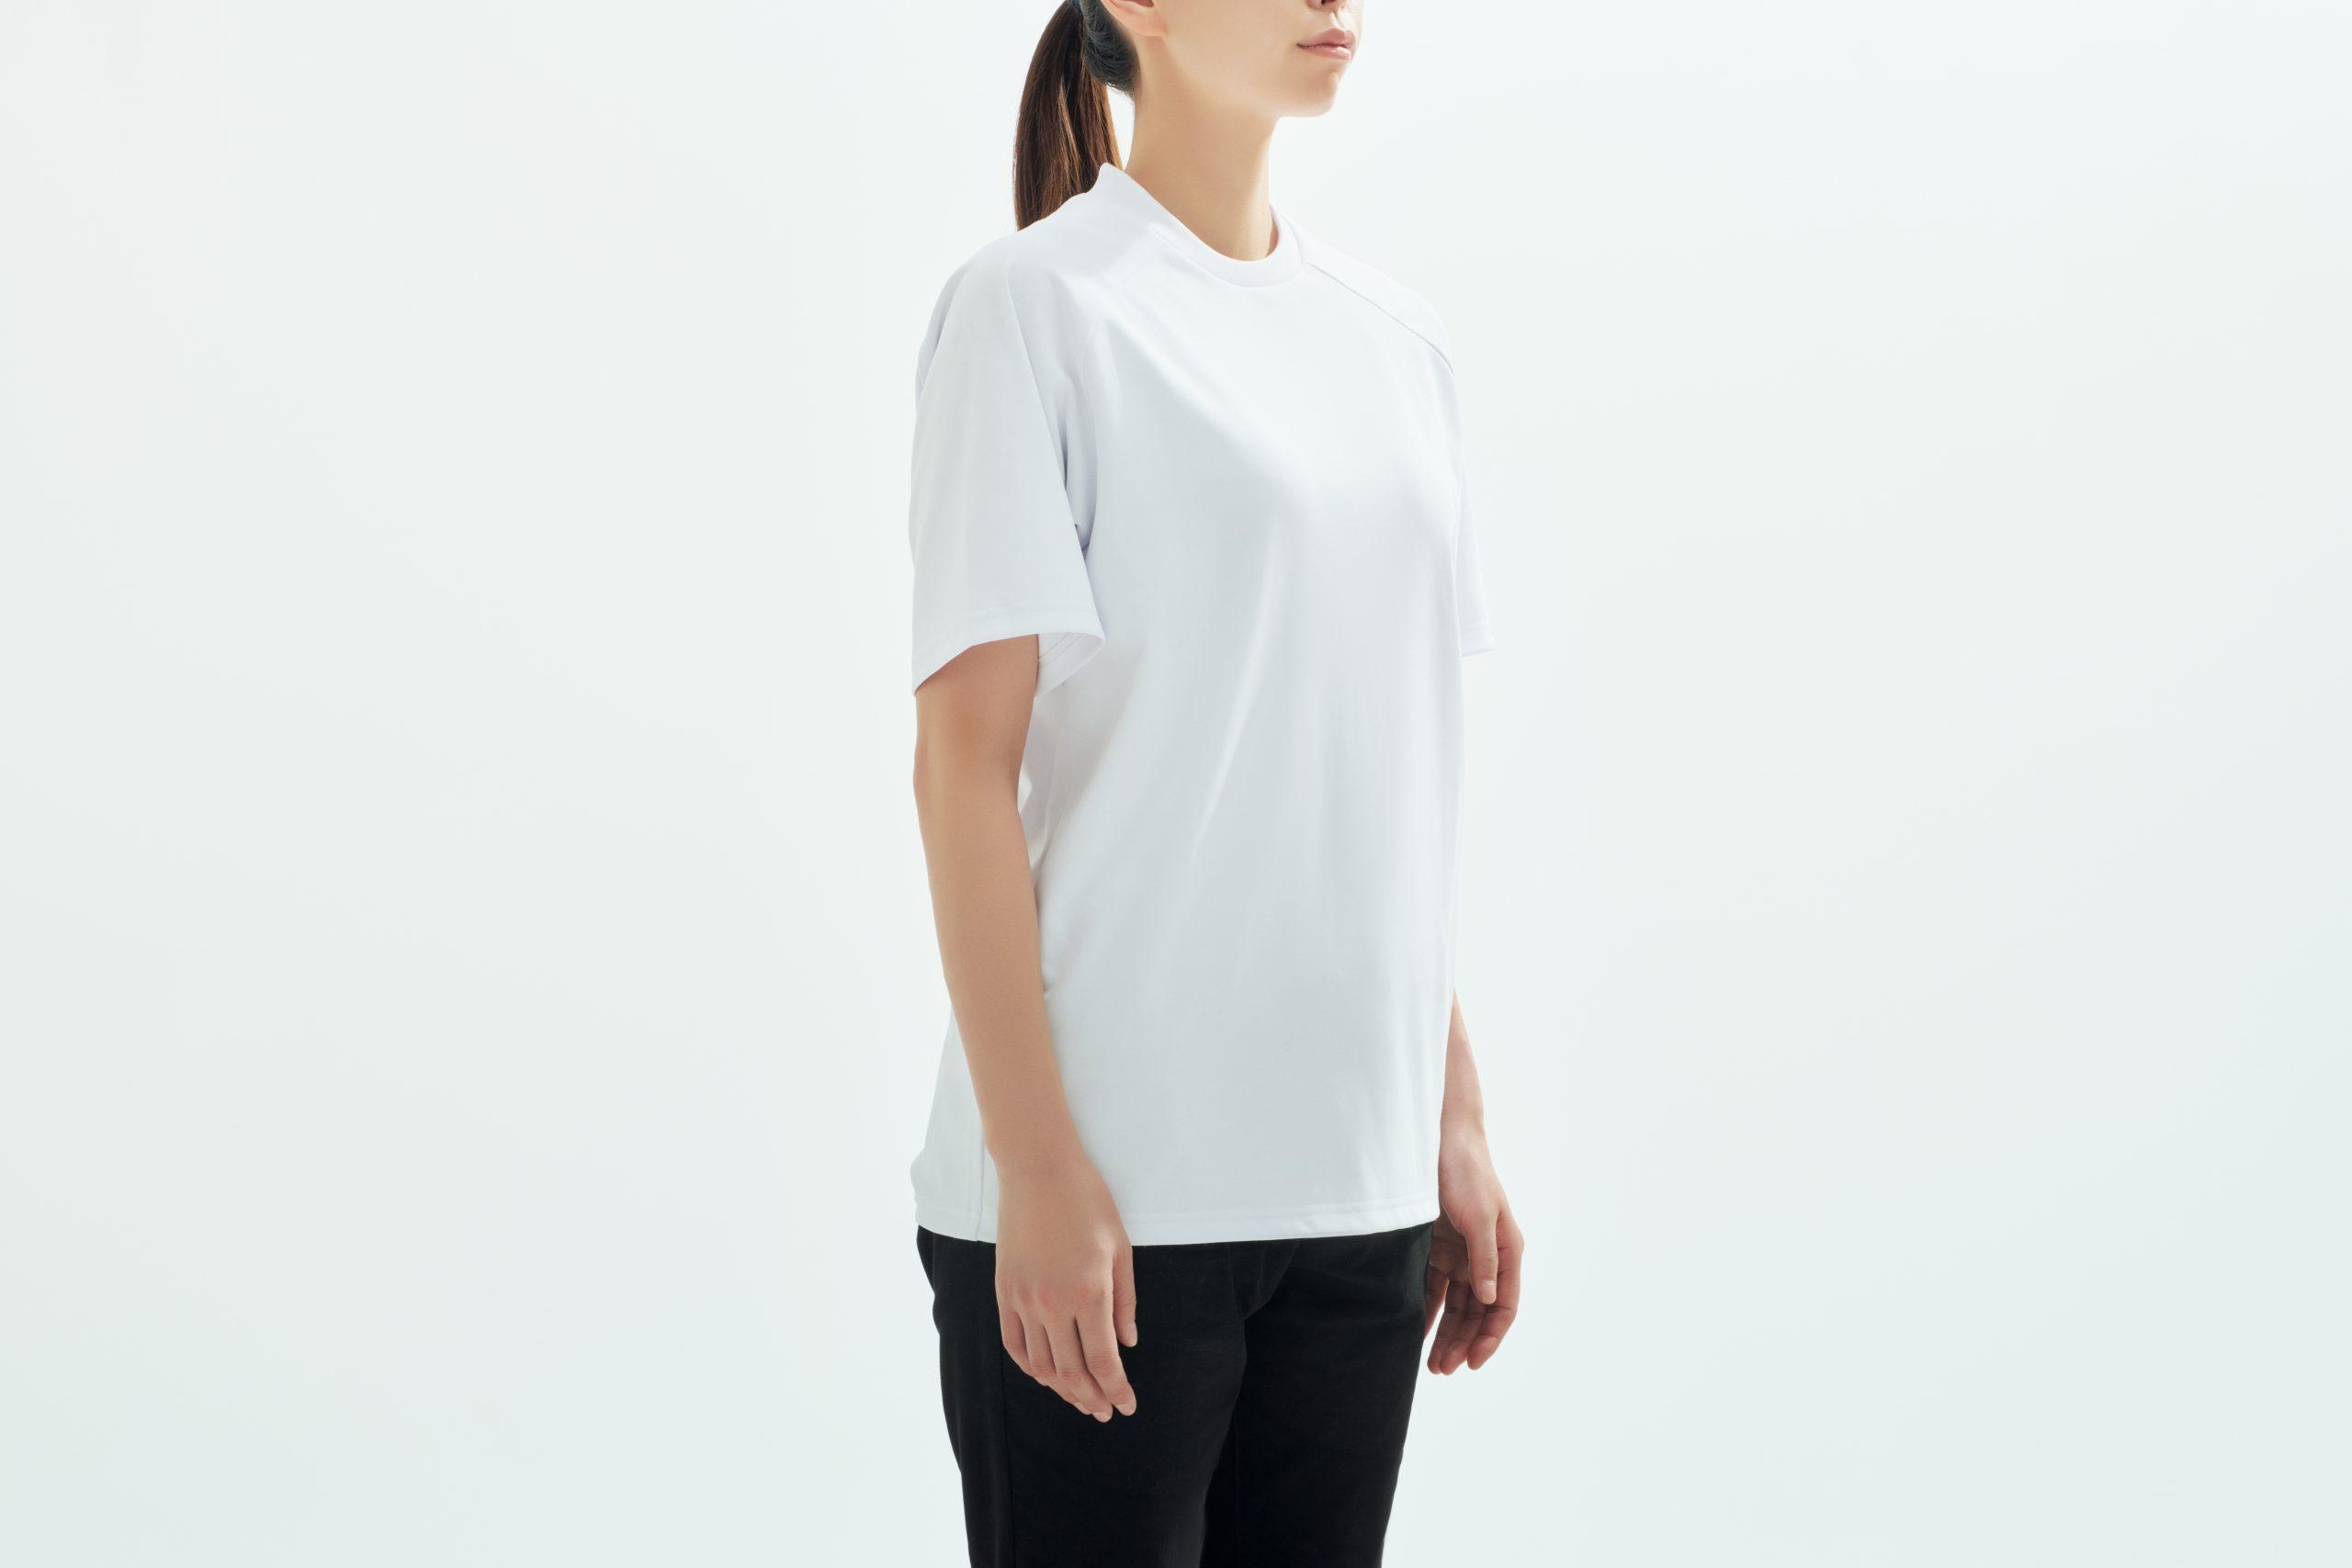 制服や体操服の「透け」問題を解決する、透けない白シャツ。学生・保護者・教員3者の抱えるセンシティブな課題に取り組む〜デザインで社会を『グッド』にする人たちVol.5